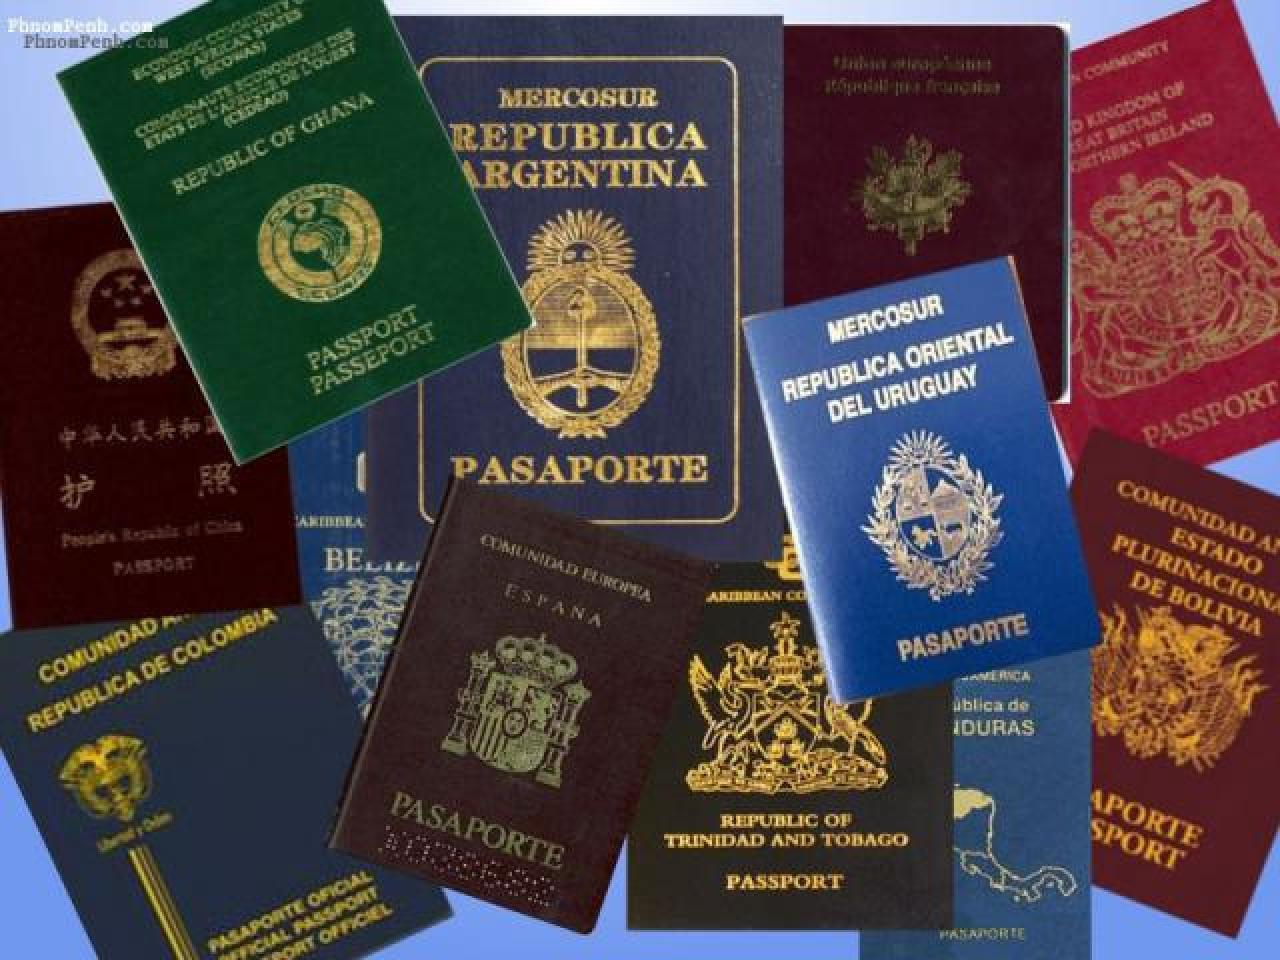 Купить качественную реальный или поддельный паспорт VISA, свидетельства о рождении. - 1